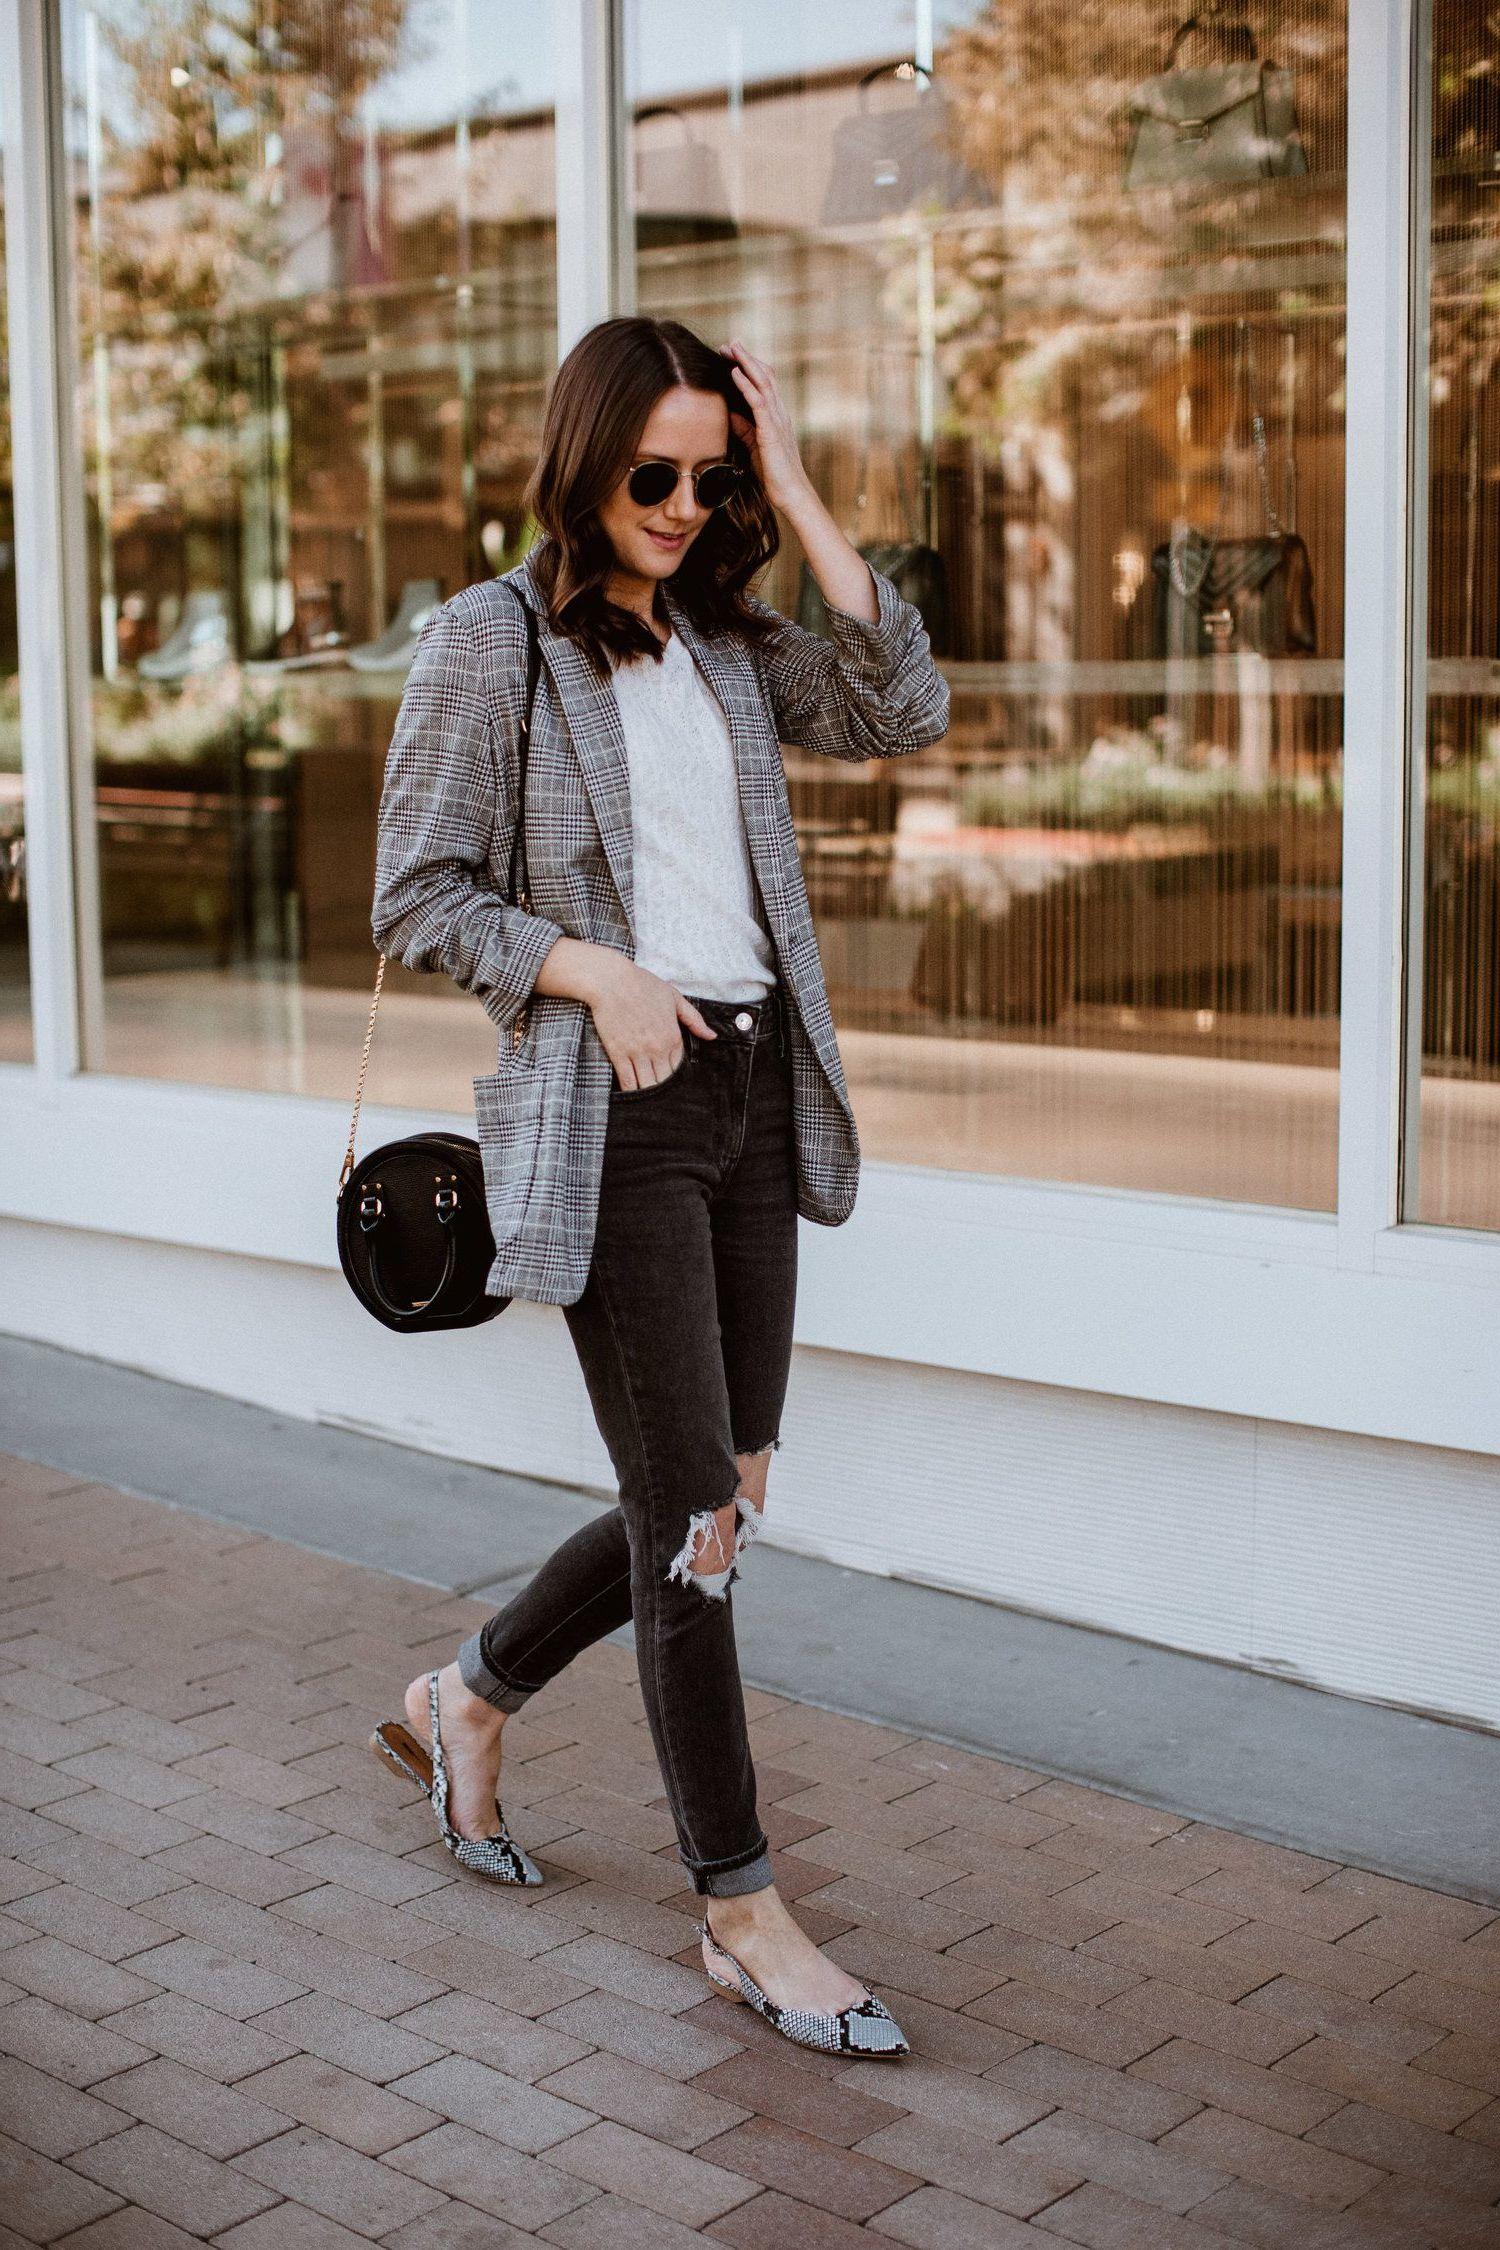 Blazer kombinieren - So tragen Sie das Trend-Kleidungsstück richtig